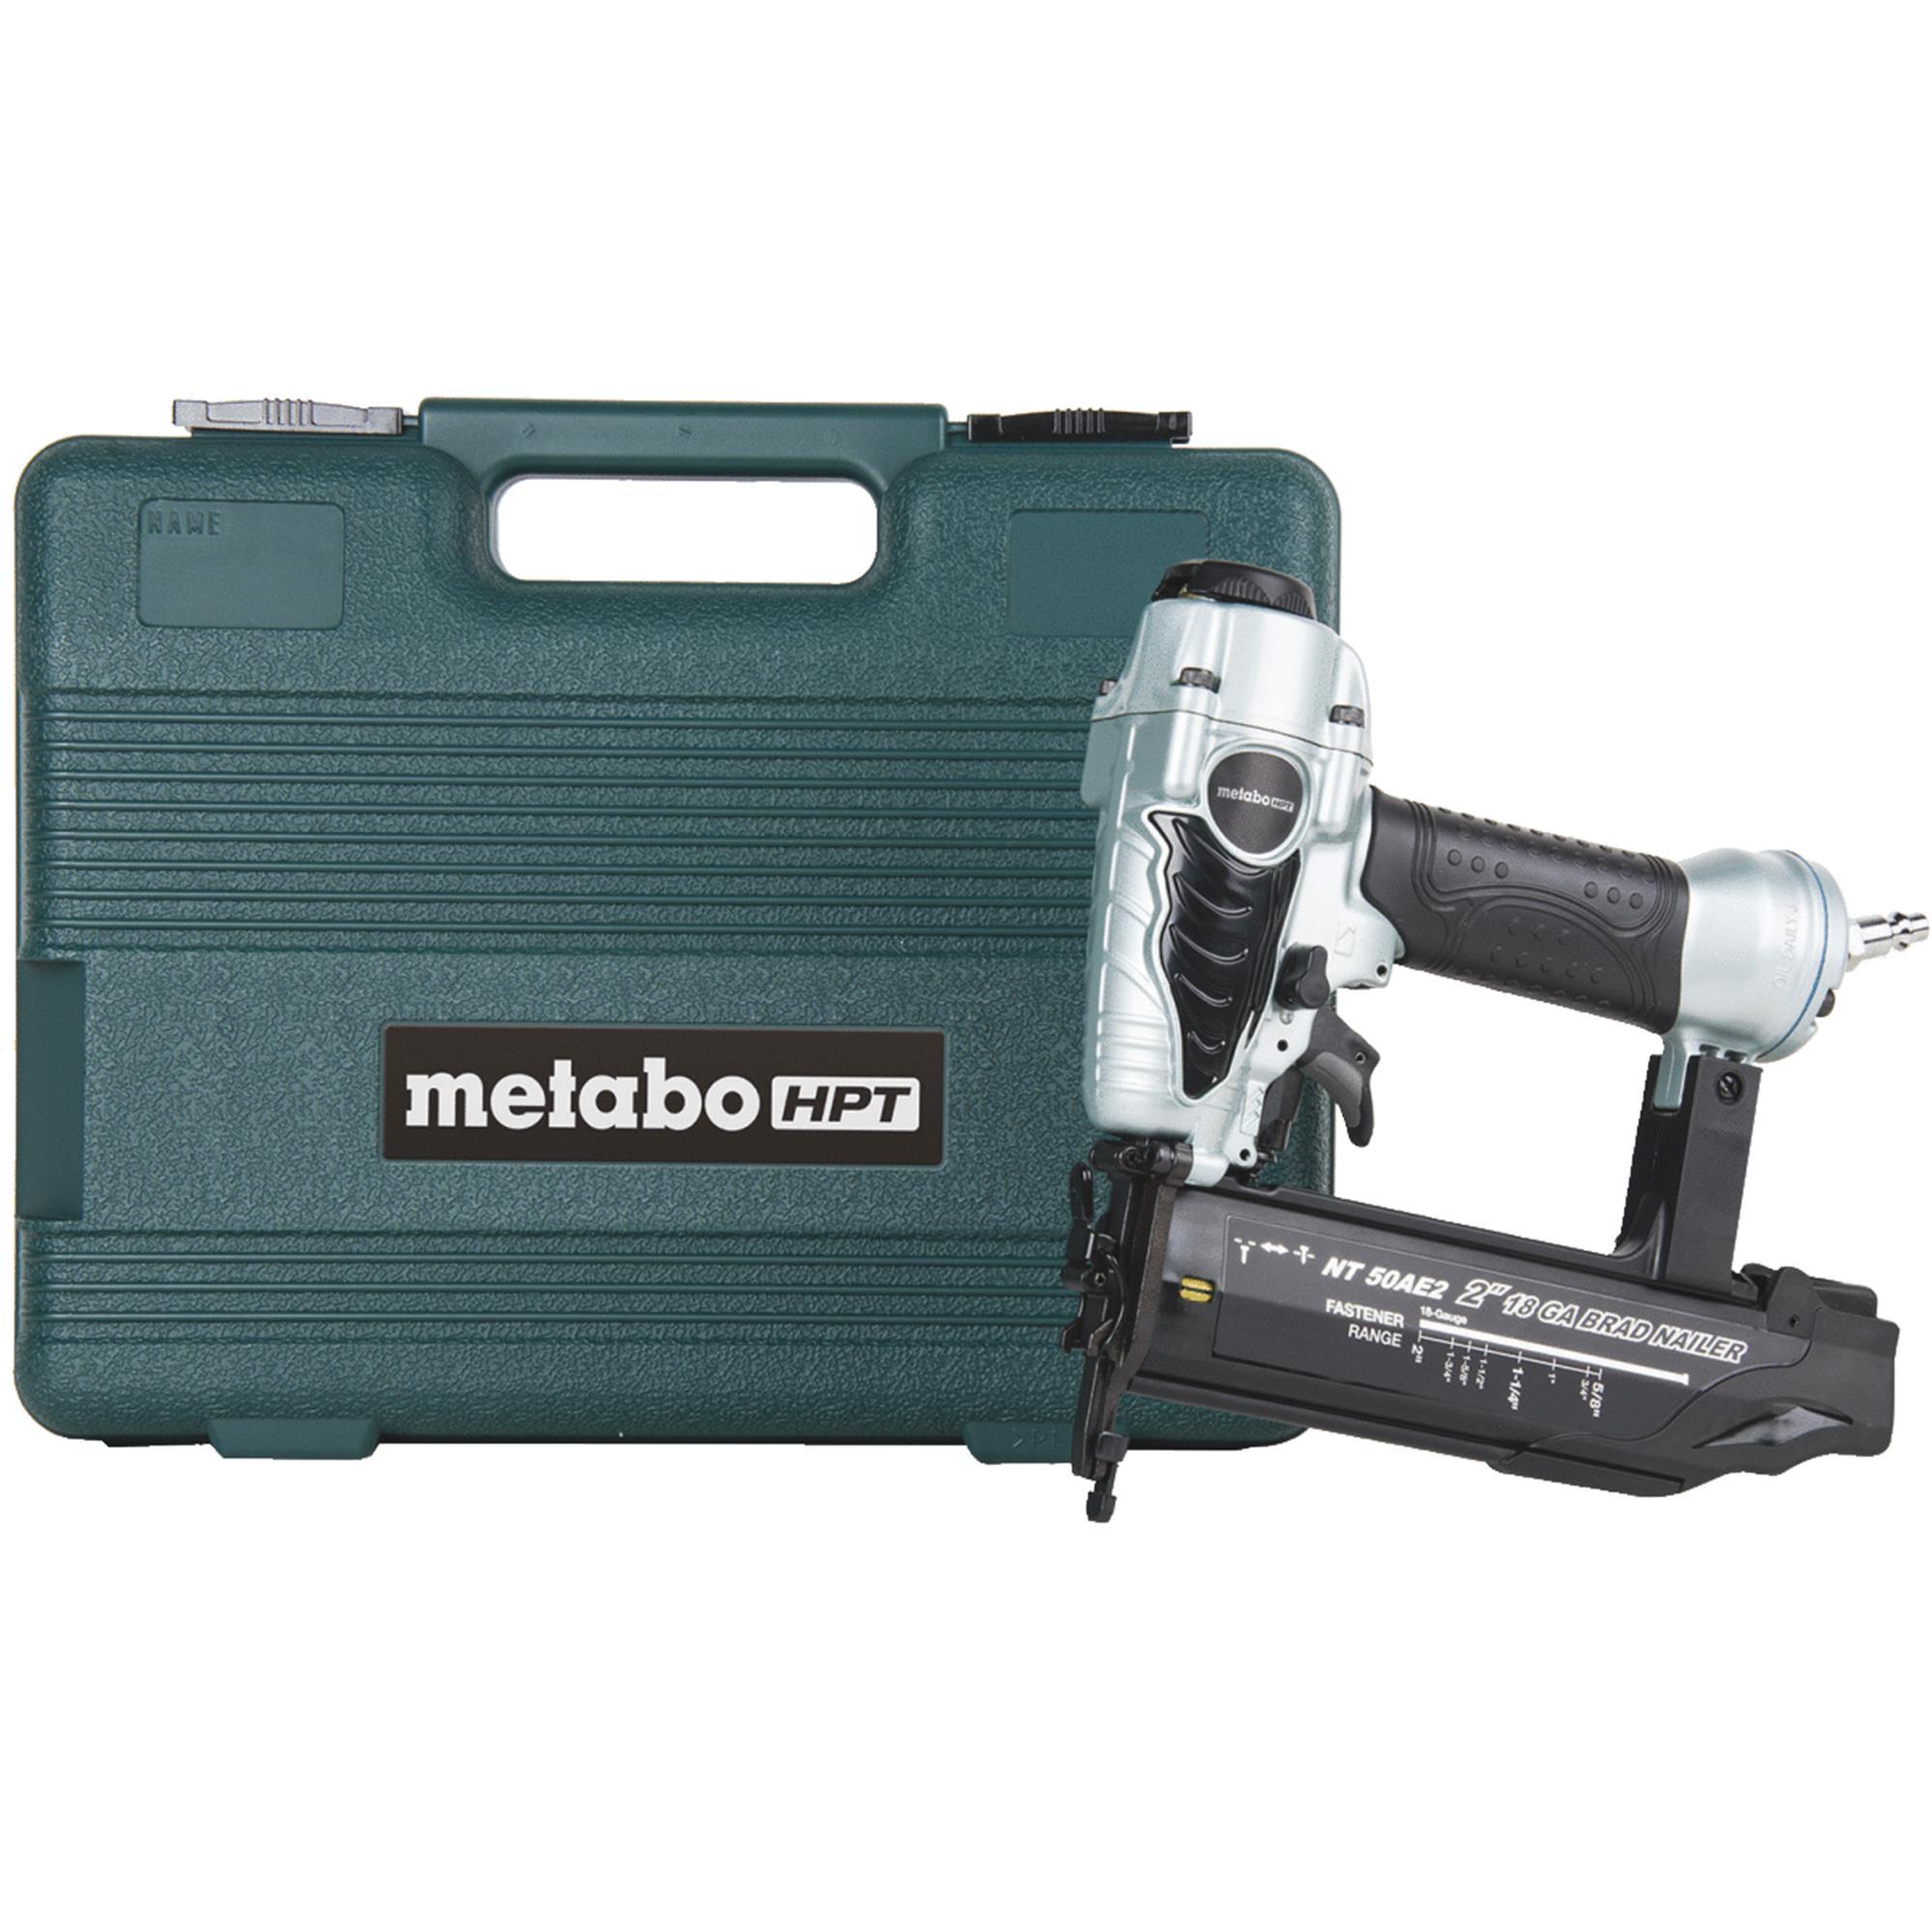 Metabo HPT NT50AE2M 18-Gauge 2 in. Finish Brad Nailer Kit by Hitachi Power Tools